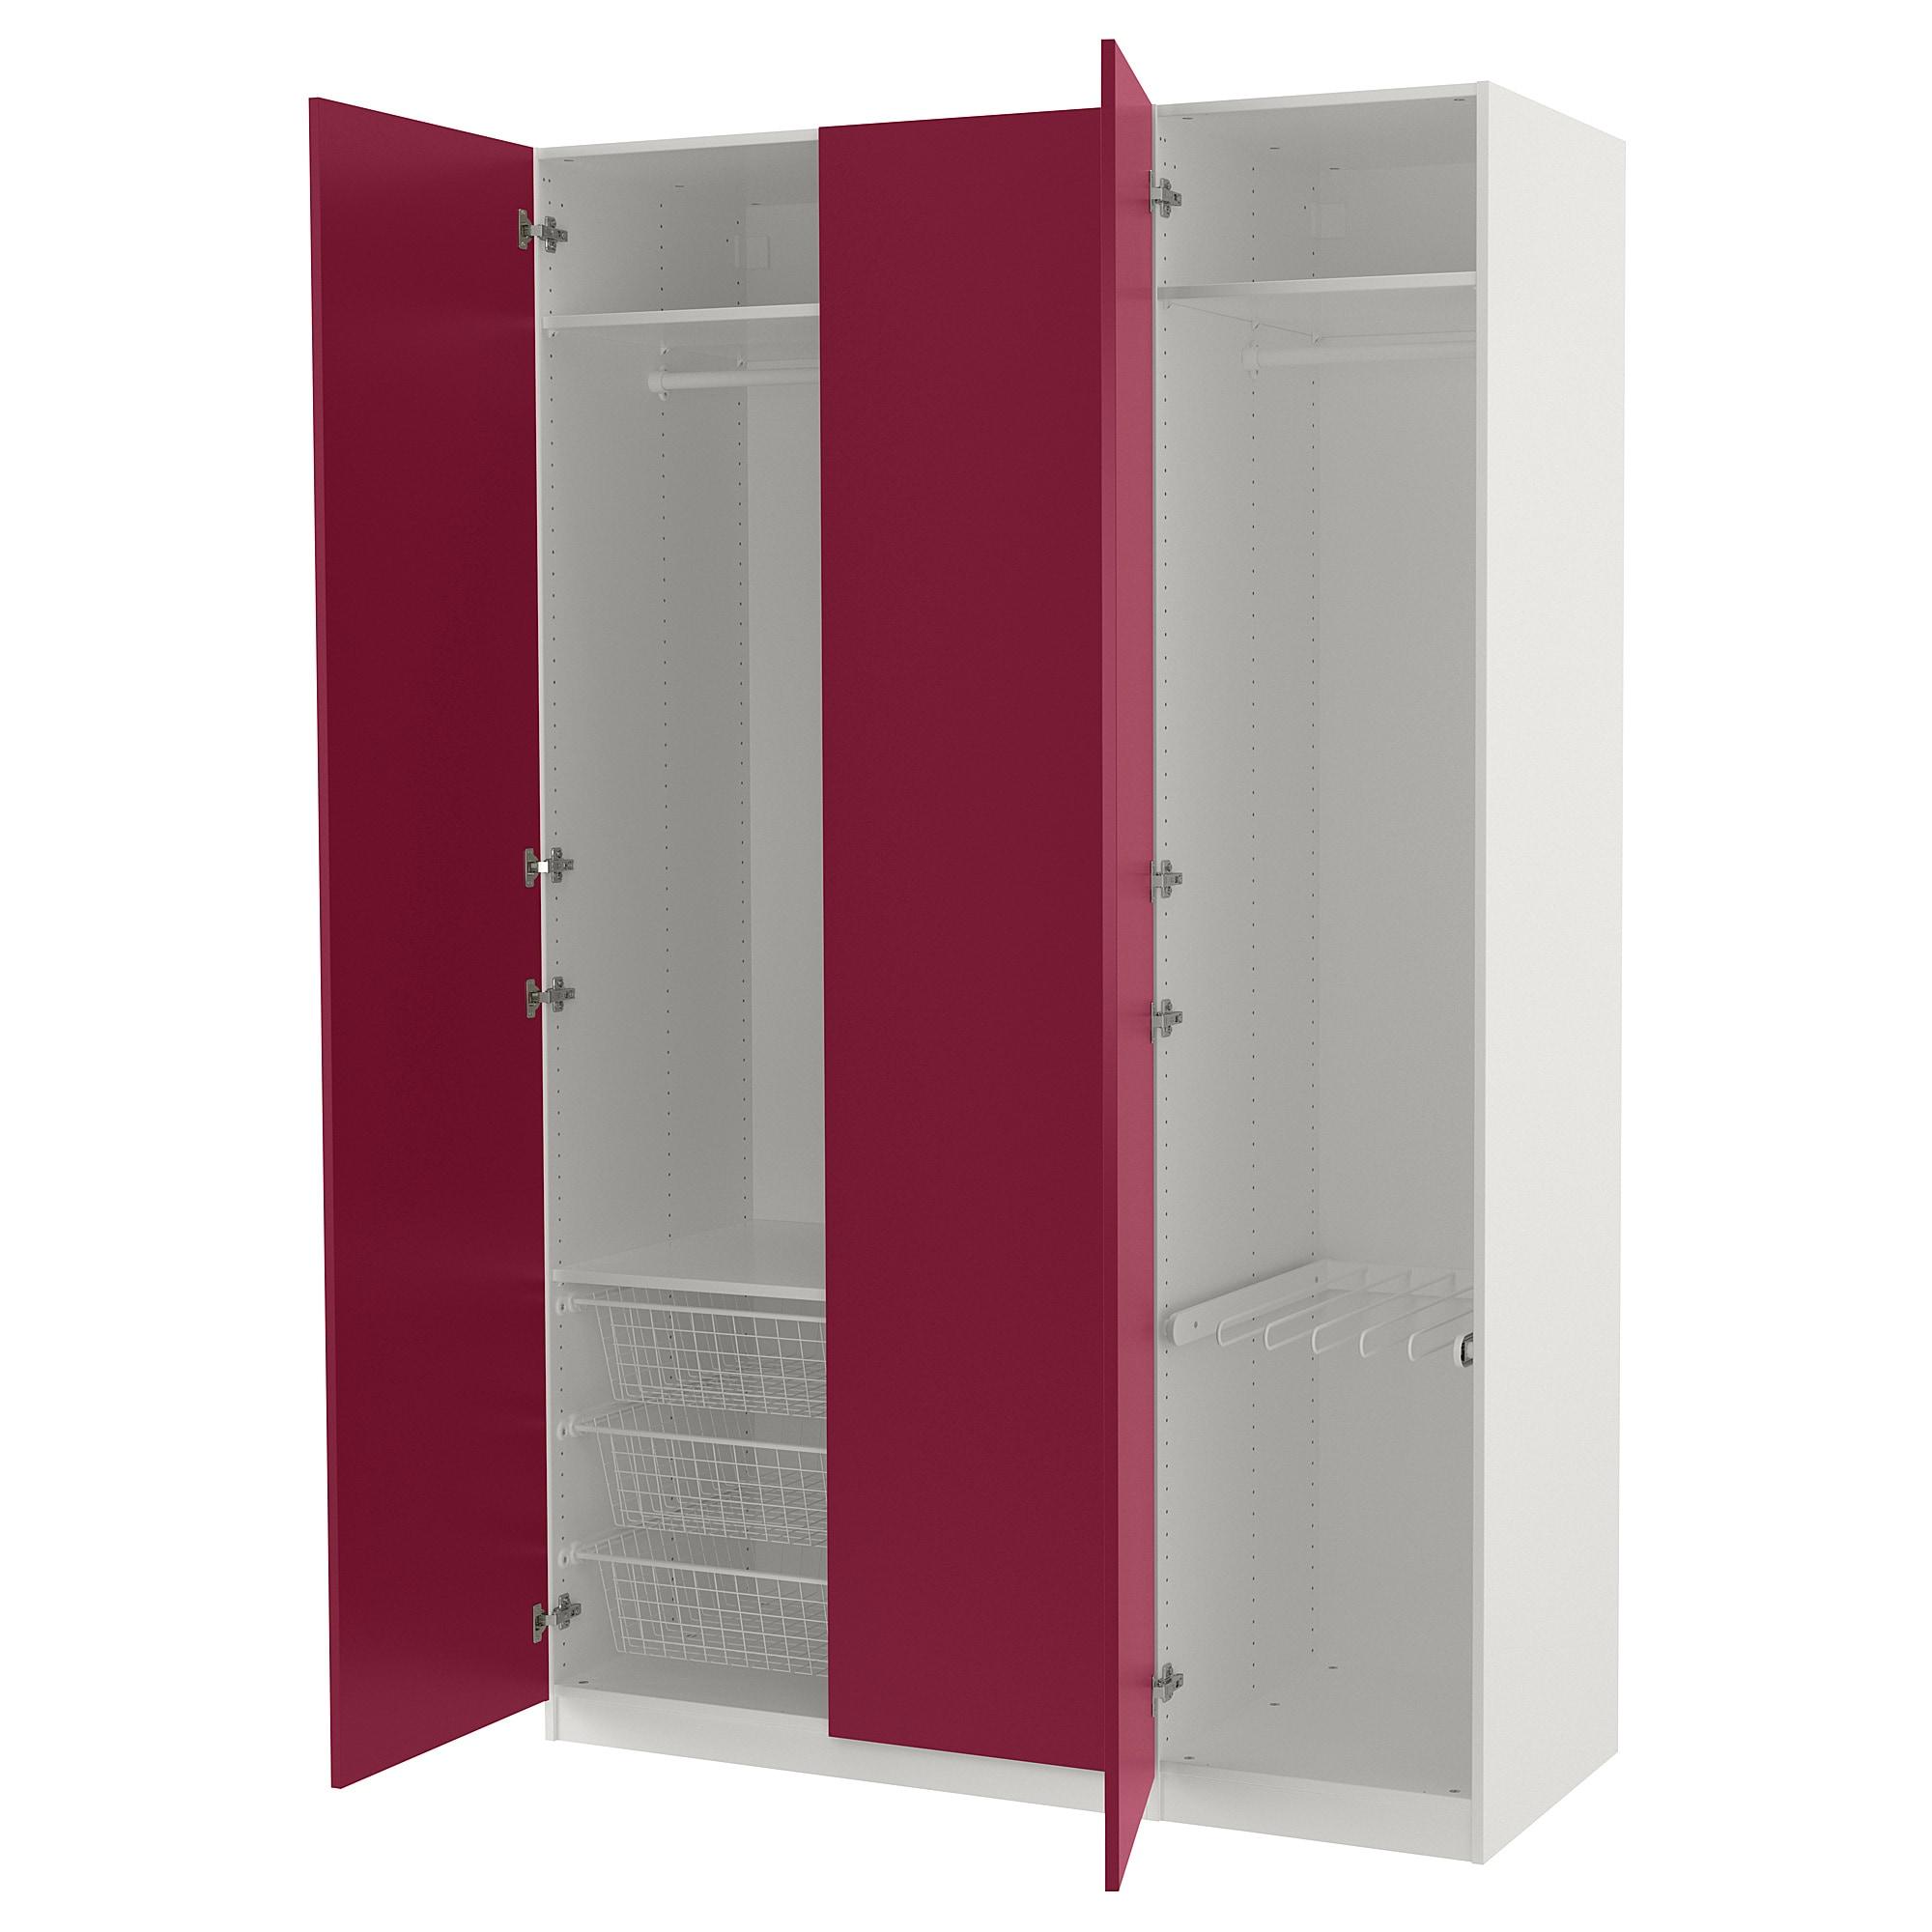 Гардероб ПАКС темно-красный артикуль № 892.694.34 в наличии. Онлайн сайт IKEA Беларусь. Быстрая доставка и монтаж.